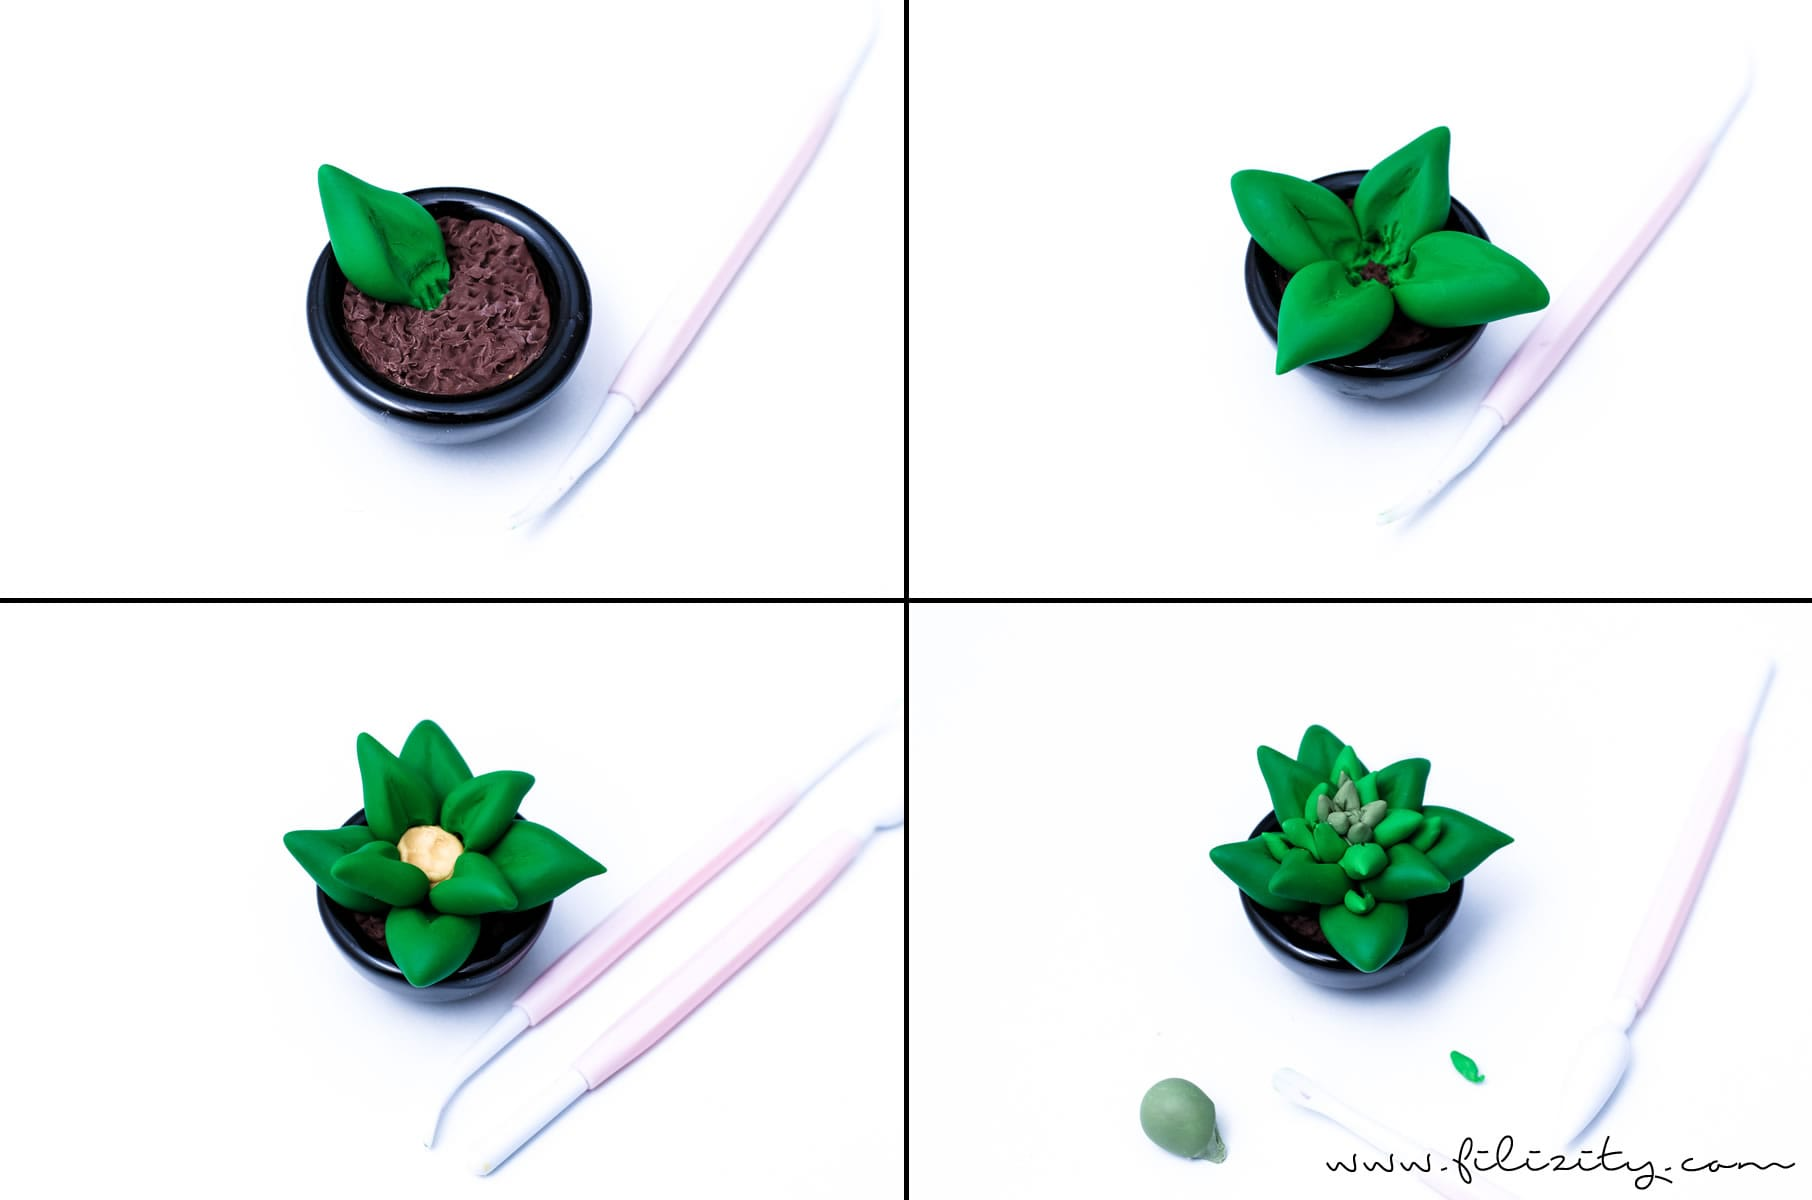 DIY Deko: Sukkulenten modellieren aus Kaltporzellan oder Fimo #kaltporzellan #deko